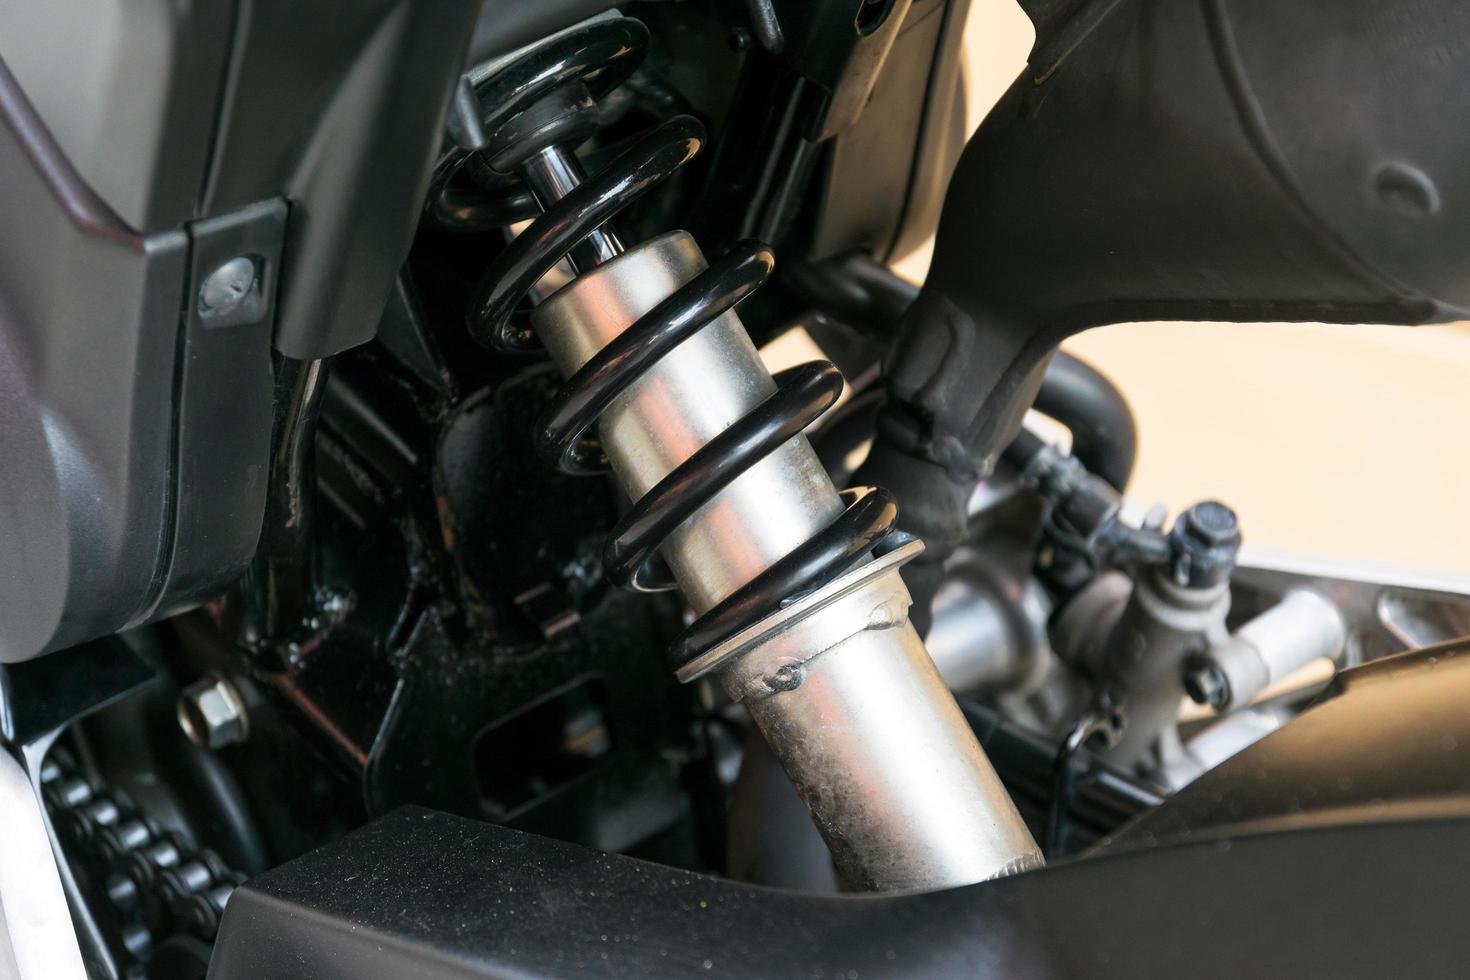 amortisseur de moto un dispositif pour absorber les secousses. photo